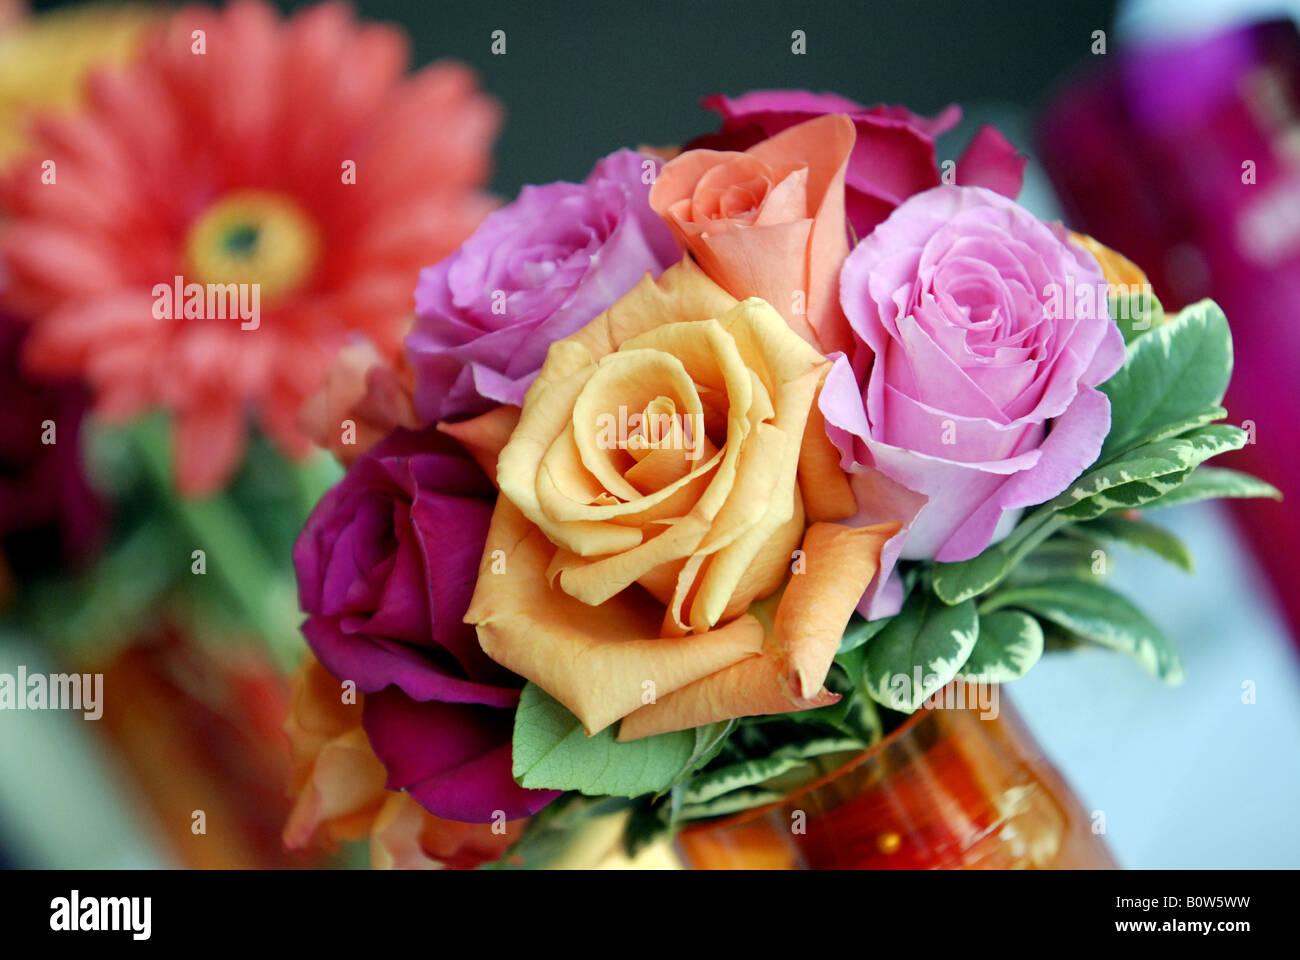 Rosa, arancione, rosso e viola le rose utilizzato come fiori di nozze Immagini Stock